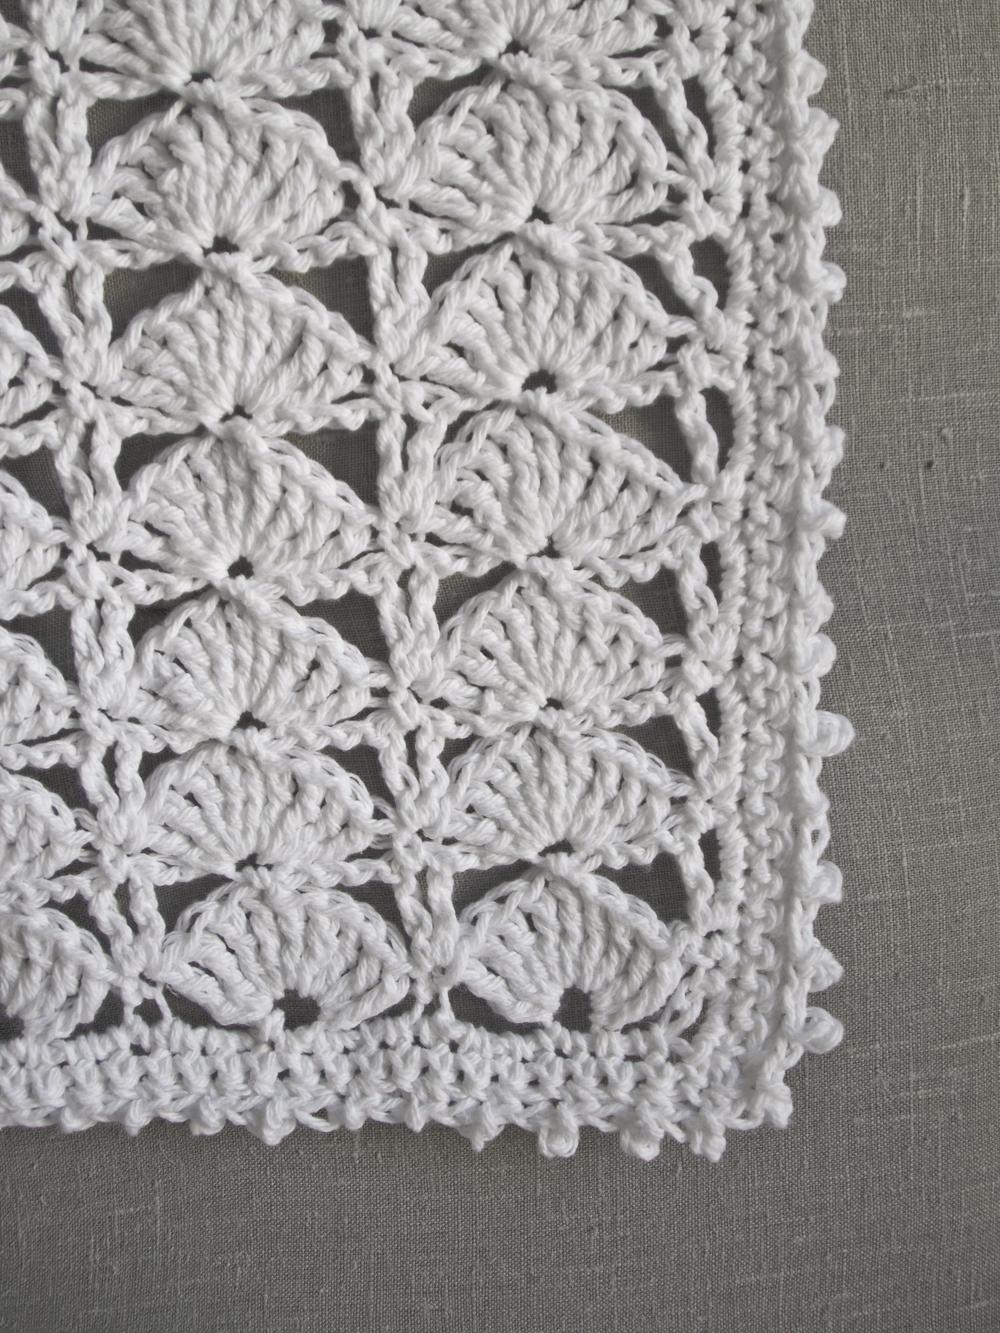 CrochetonHeadboard022714CC_1.jpg